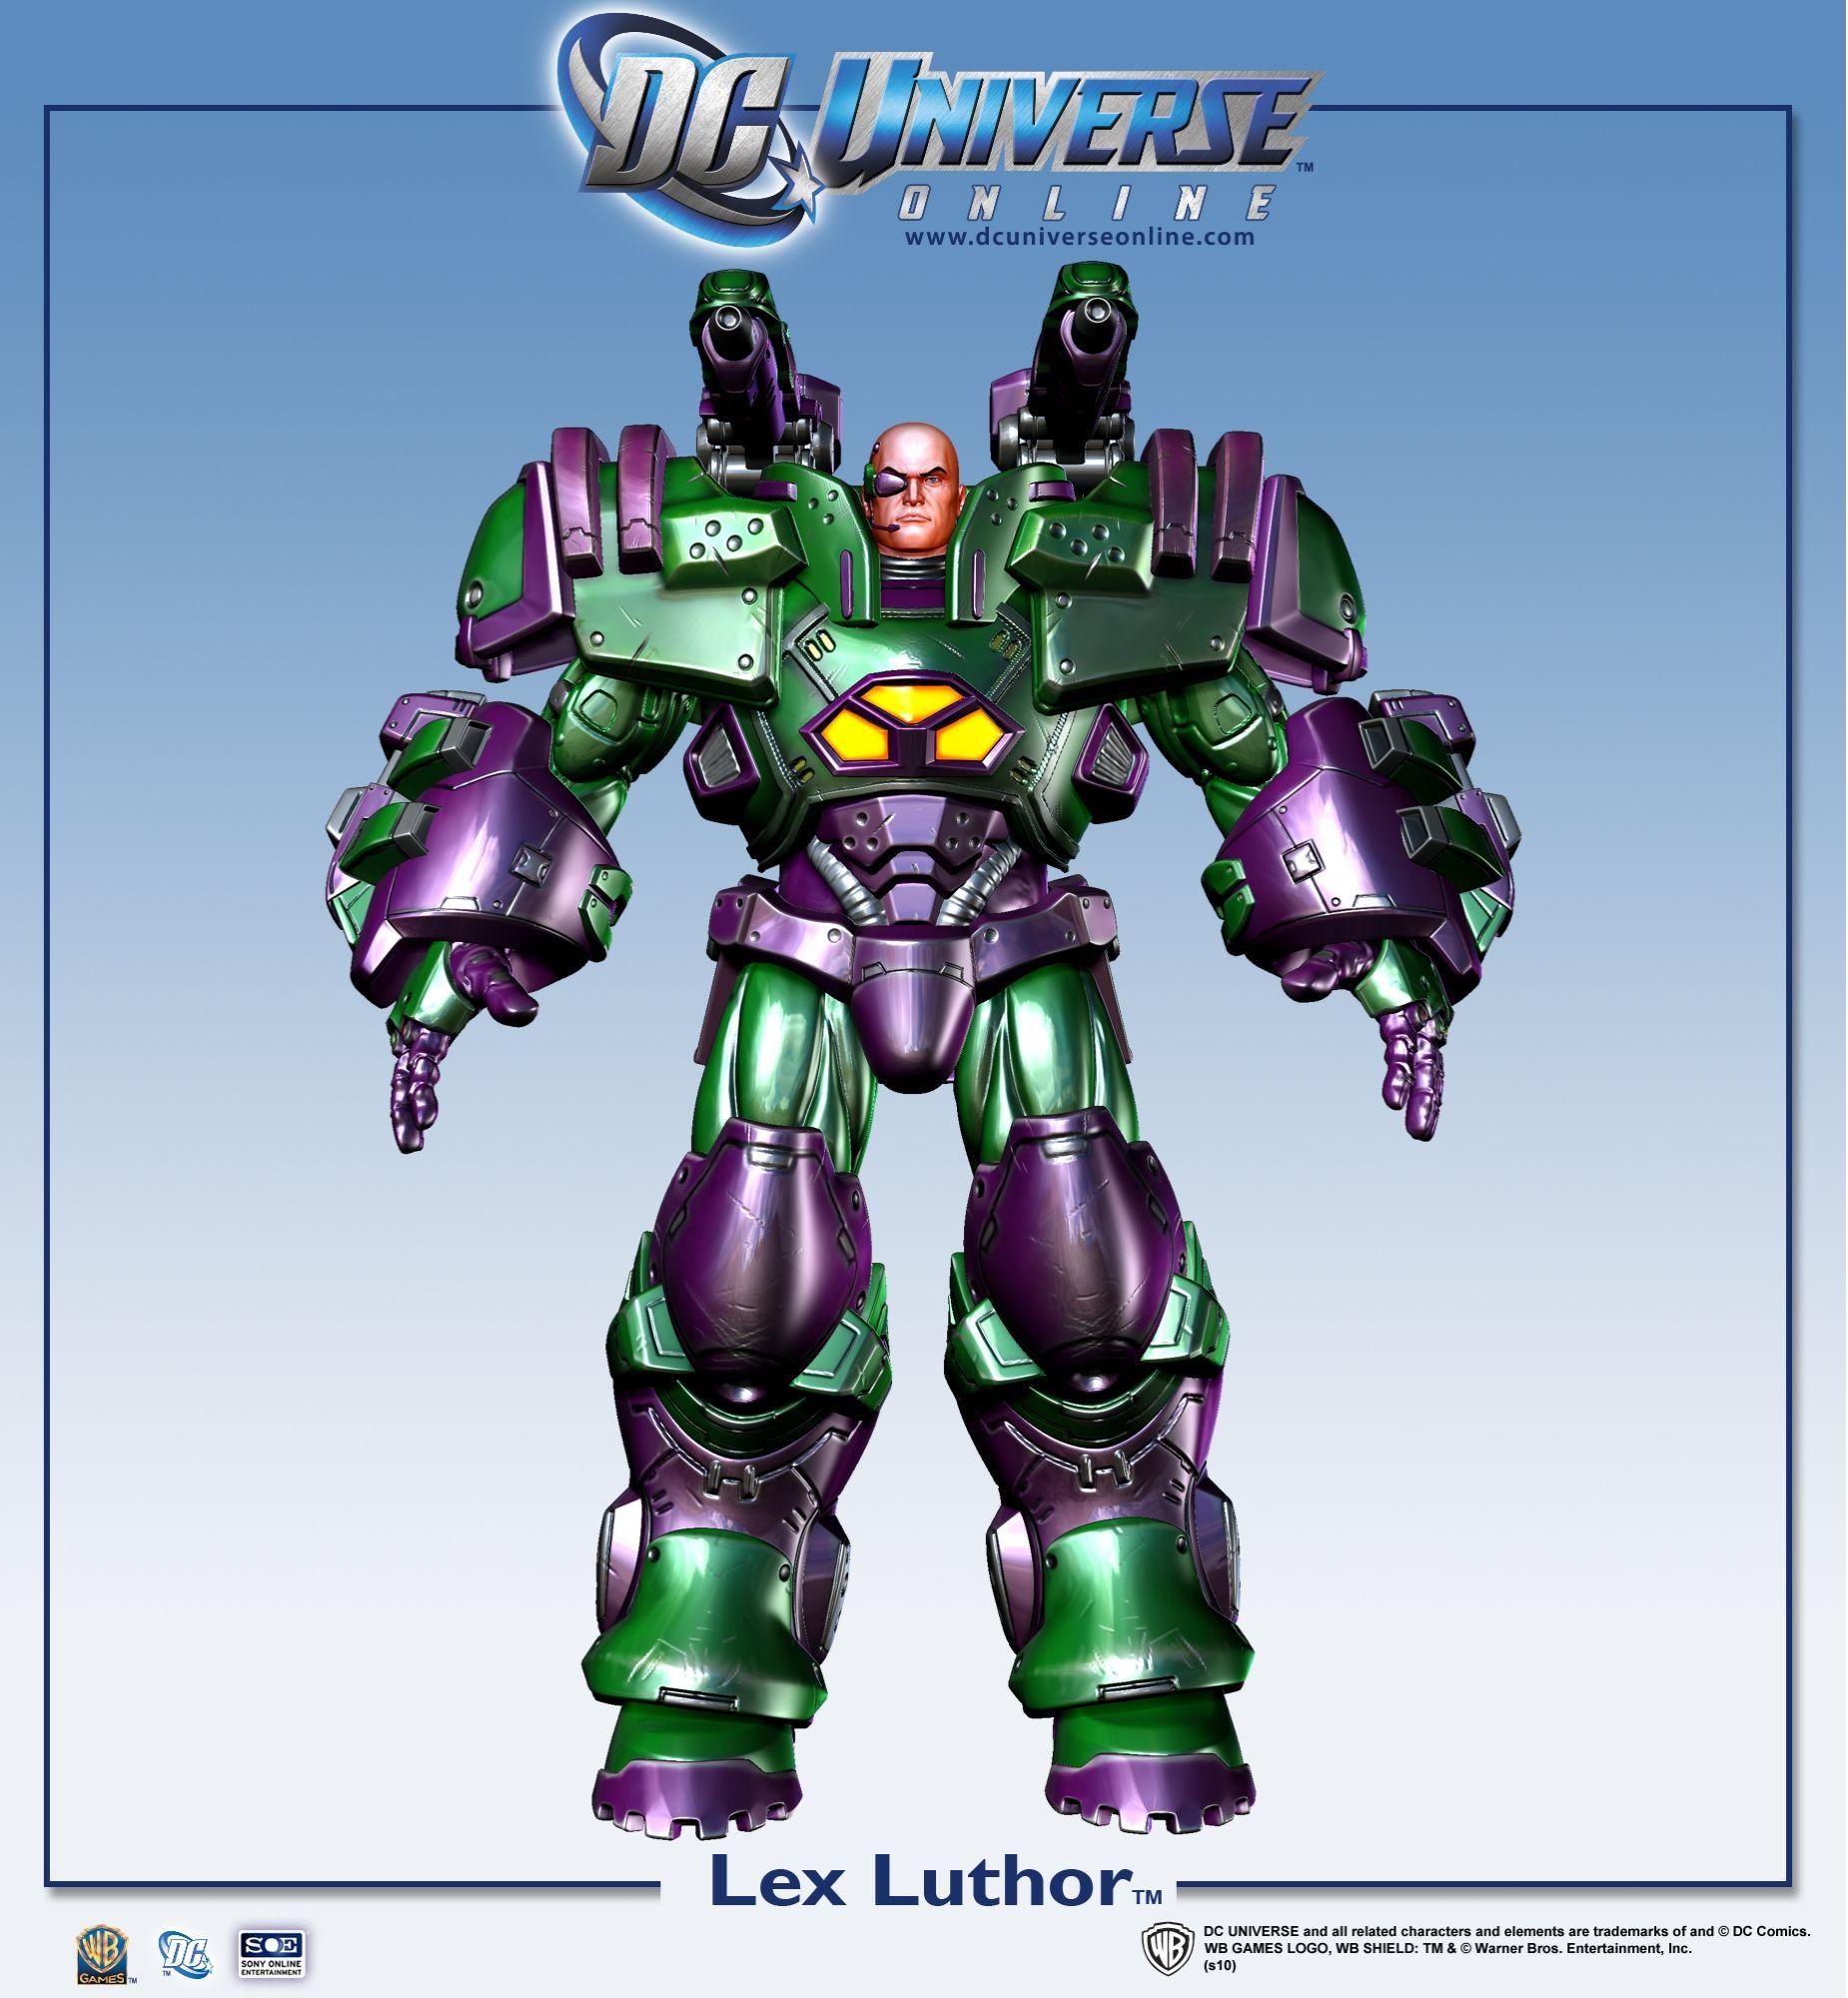 Galerie: Lex Luthor v DC Universe Online 18443